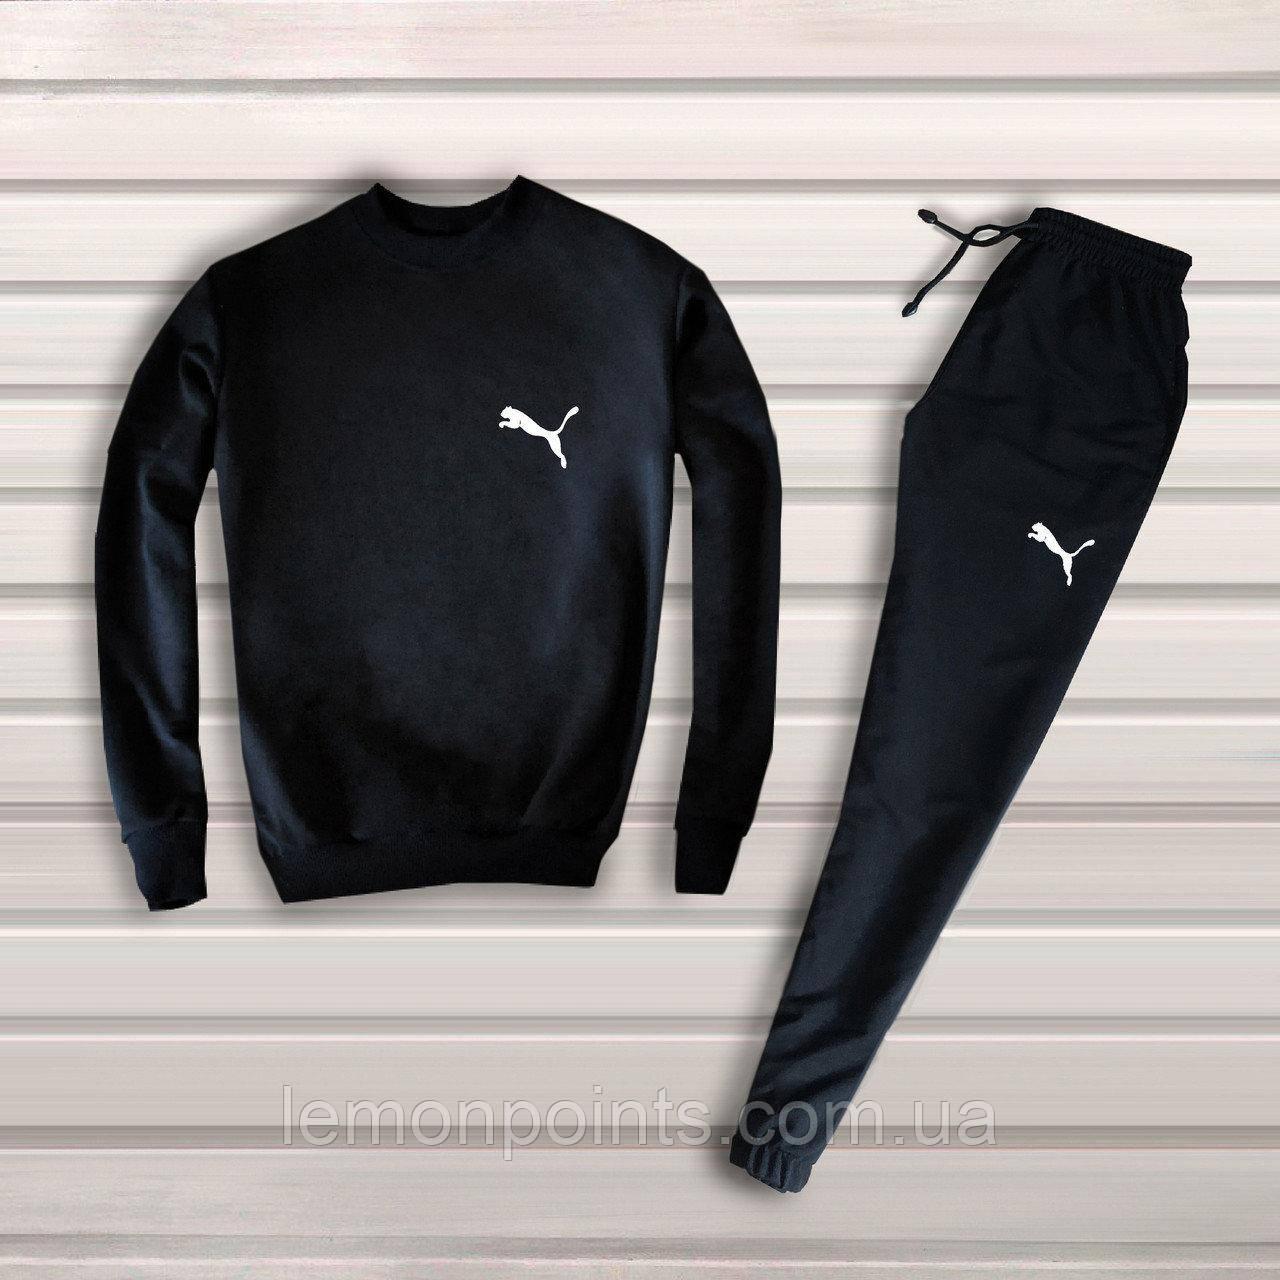 Теплий чоловічий спортивний костюм Puma (пума)